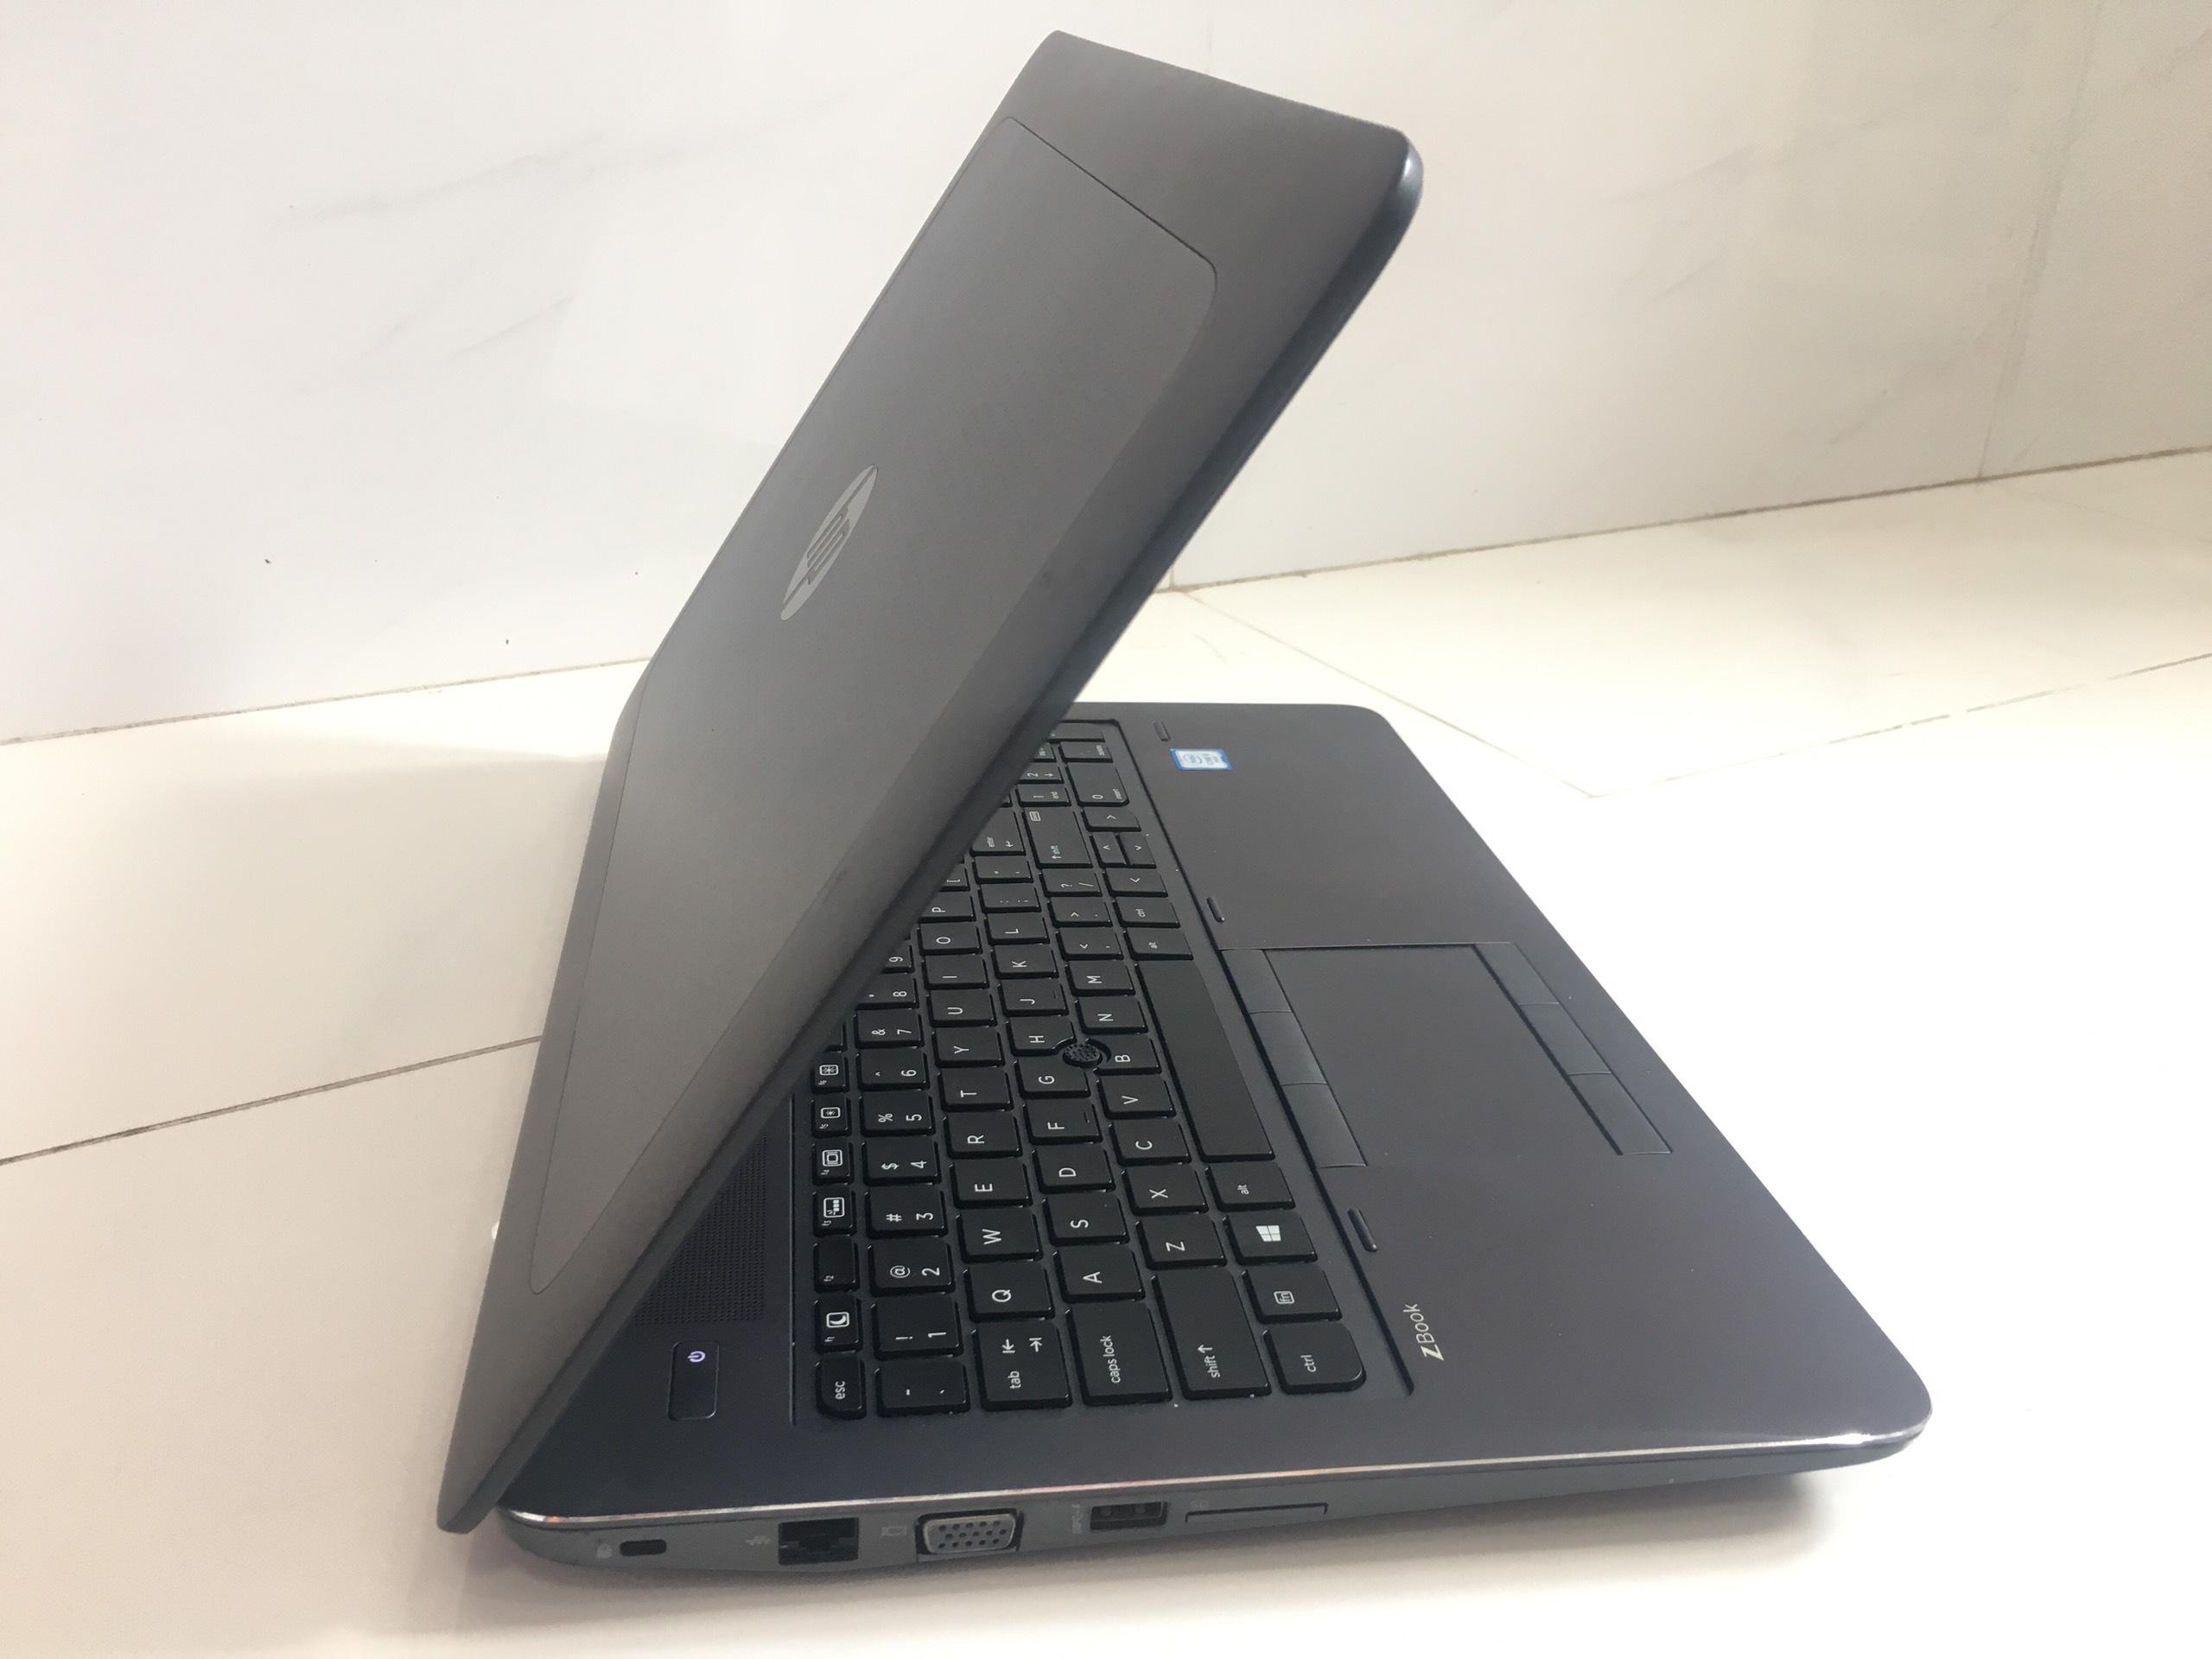 laptop-hp-zbook-15-g3-core-i7-6820hq-18